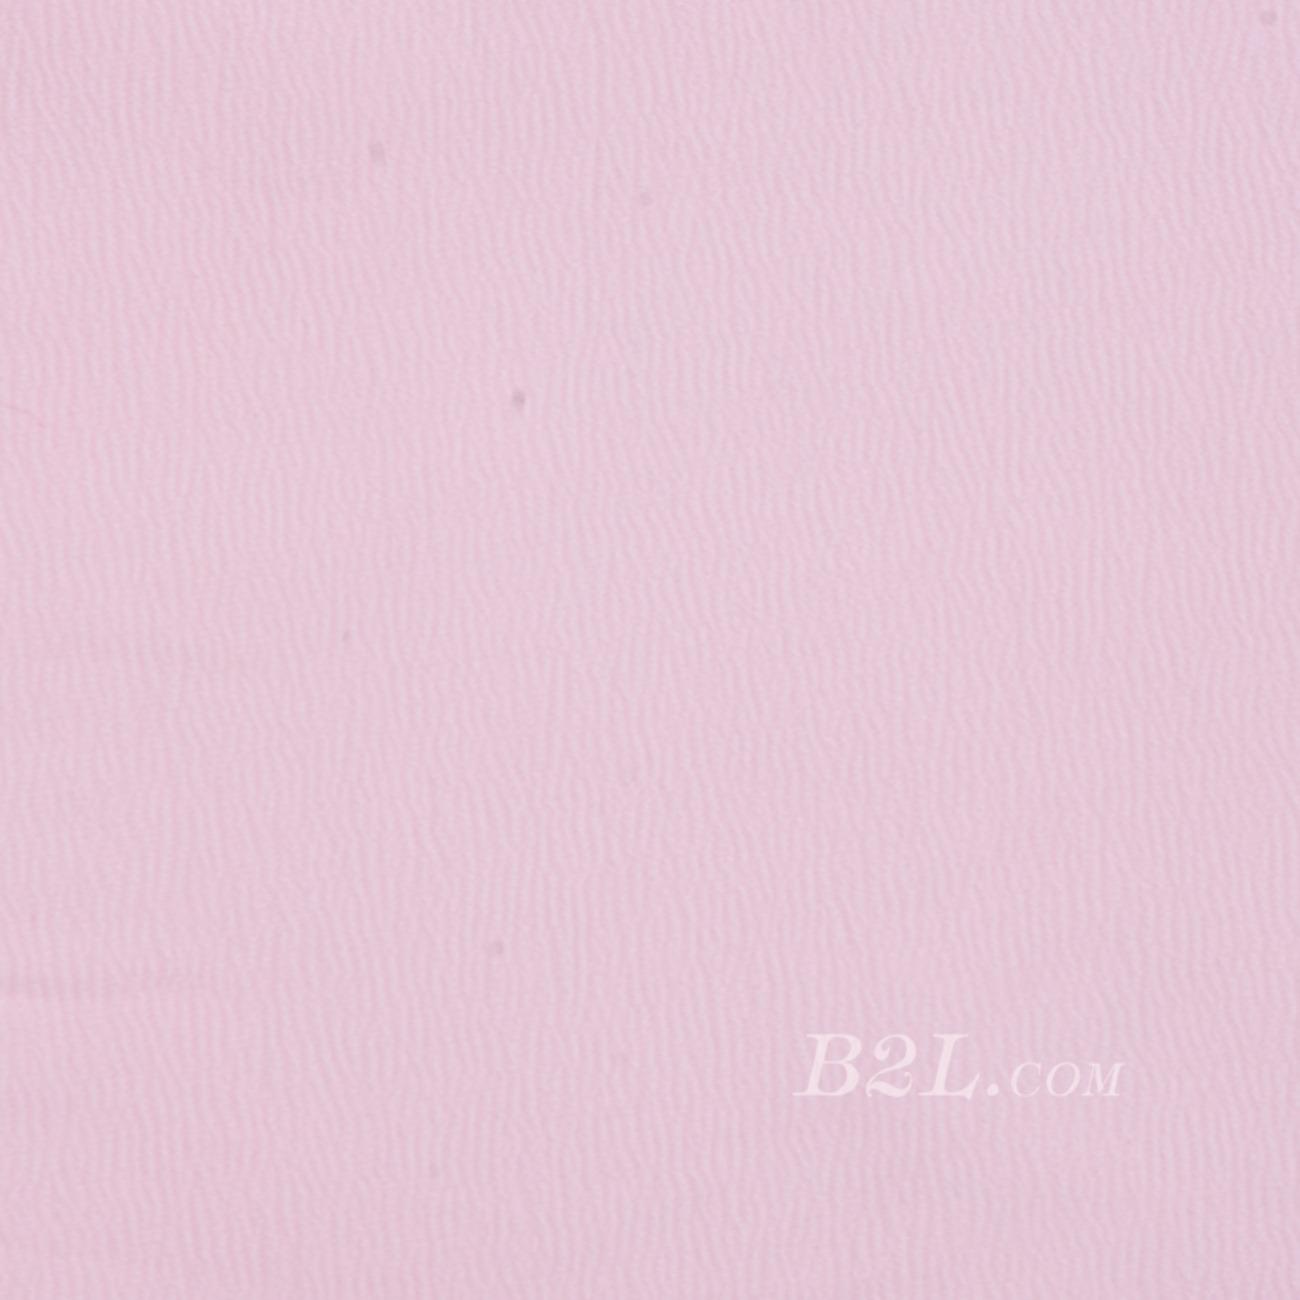 梭织素色染色连衣裙 短裙 衬衫 低弹 春 秋 柔软 70823-17